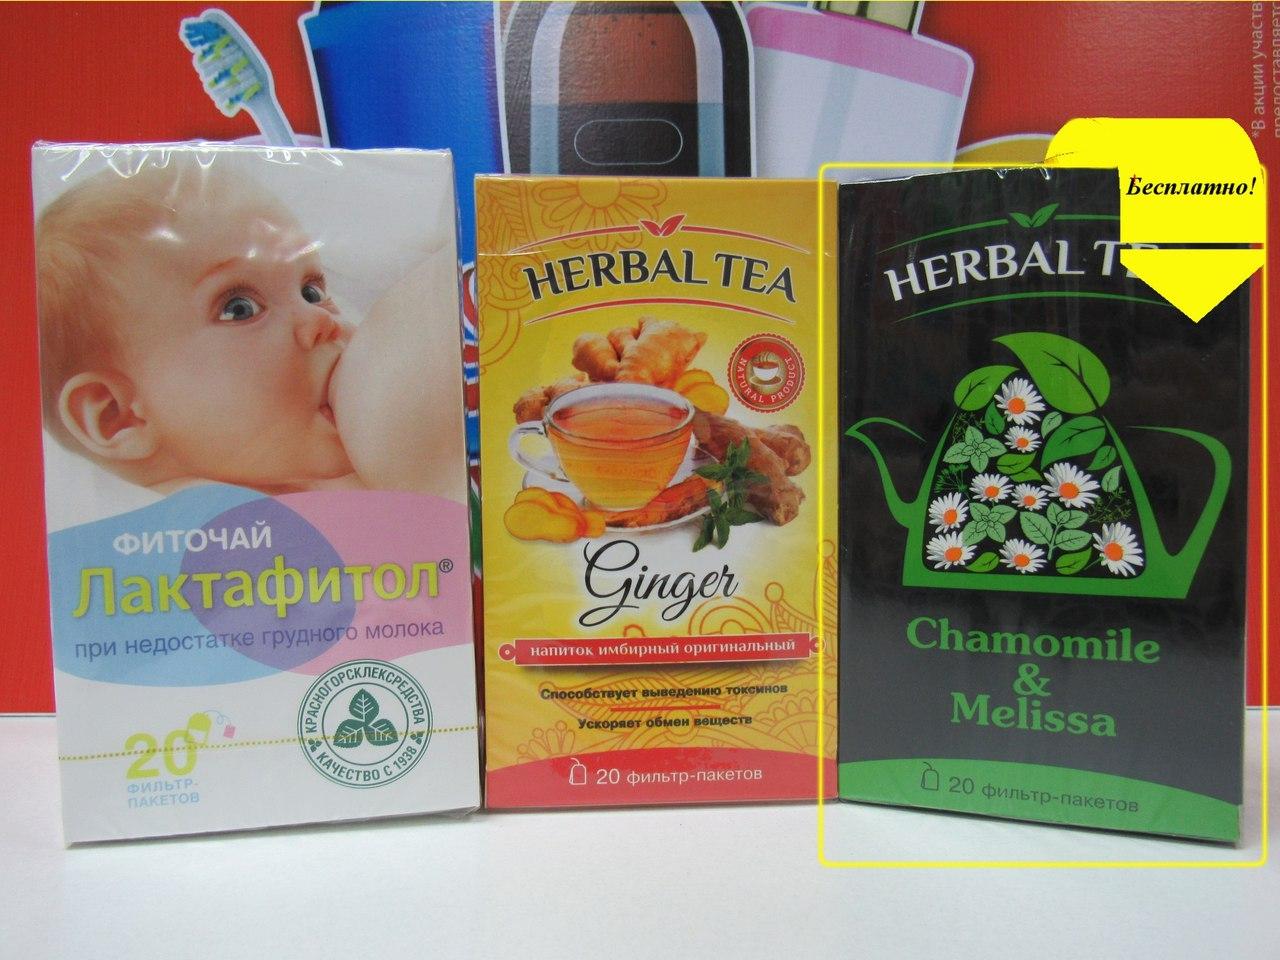 Косметика купить в аптеках чебоксар косметика missha купить в украине